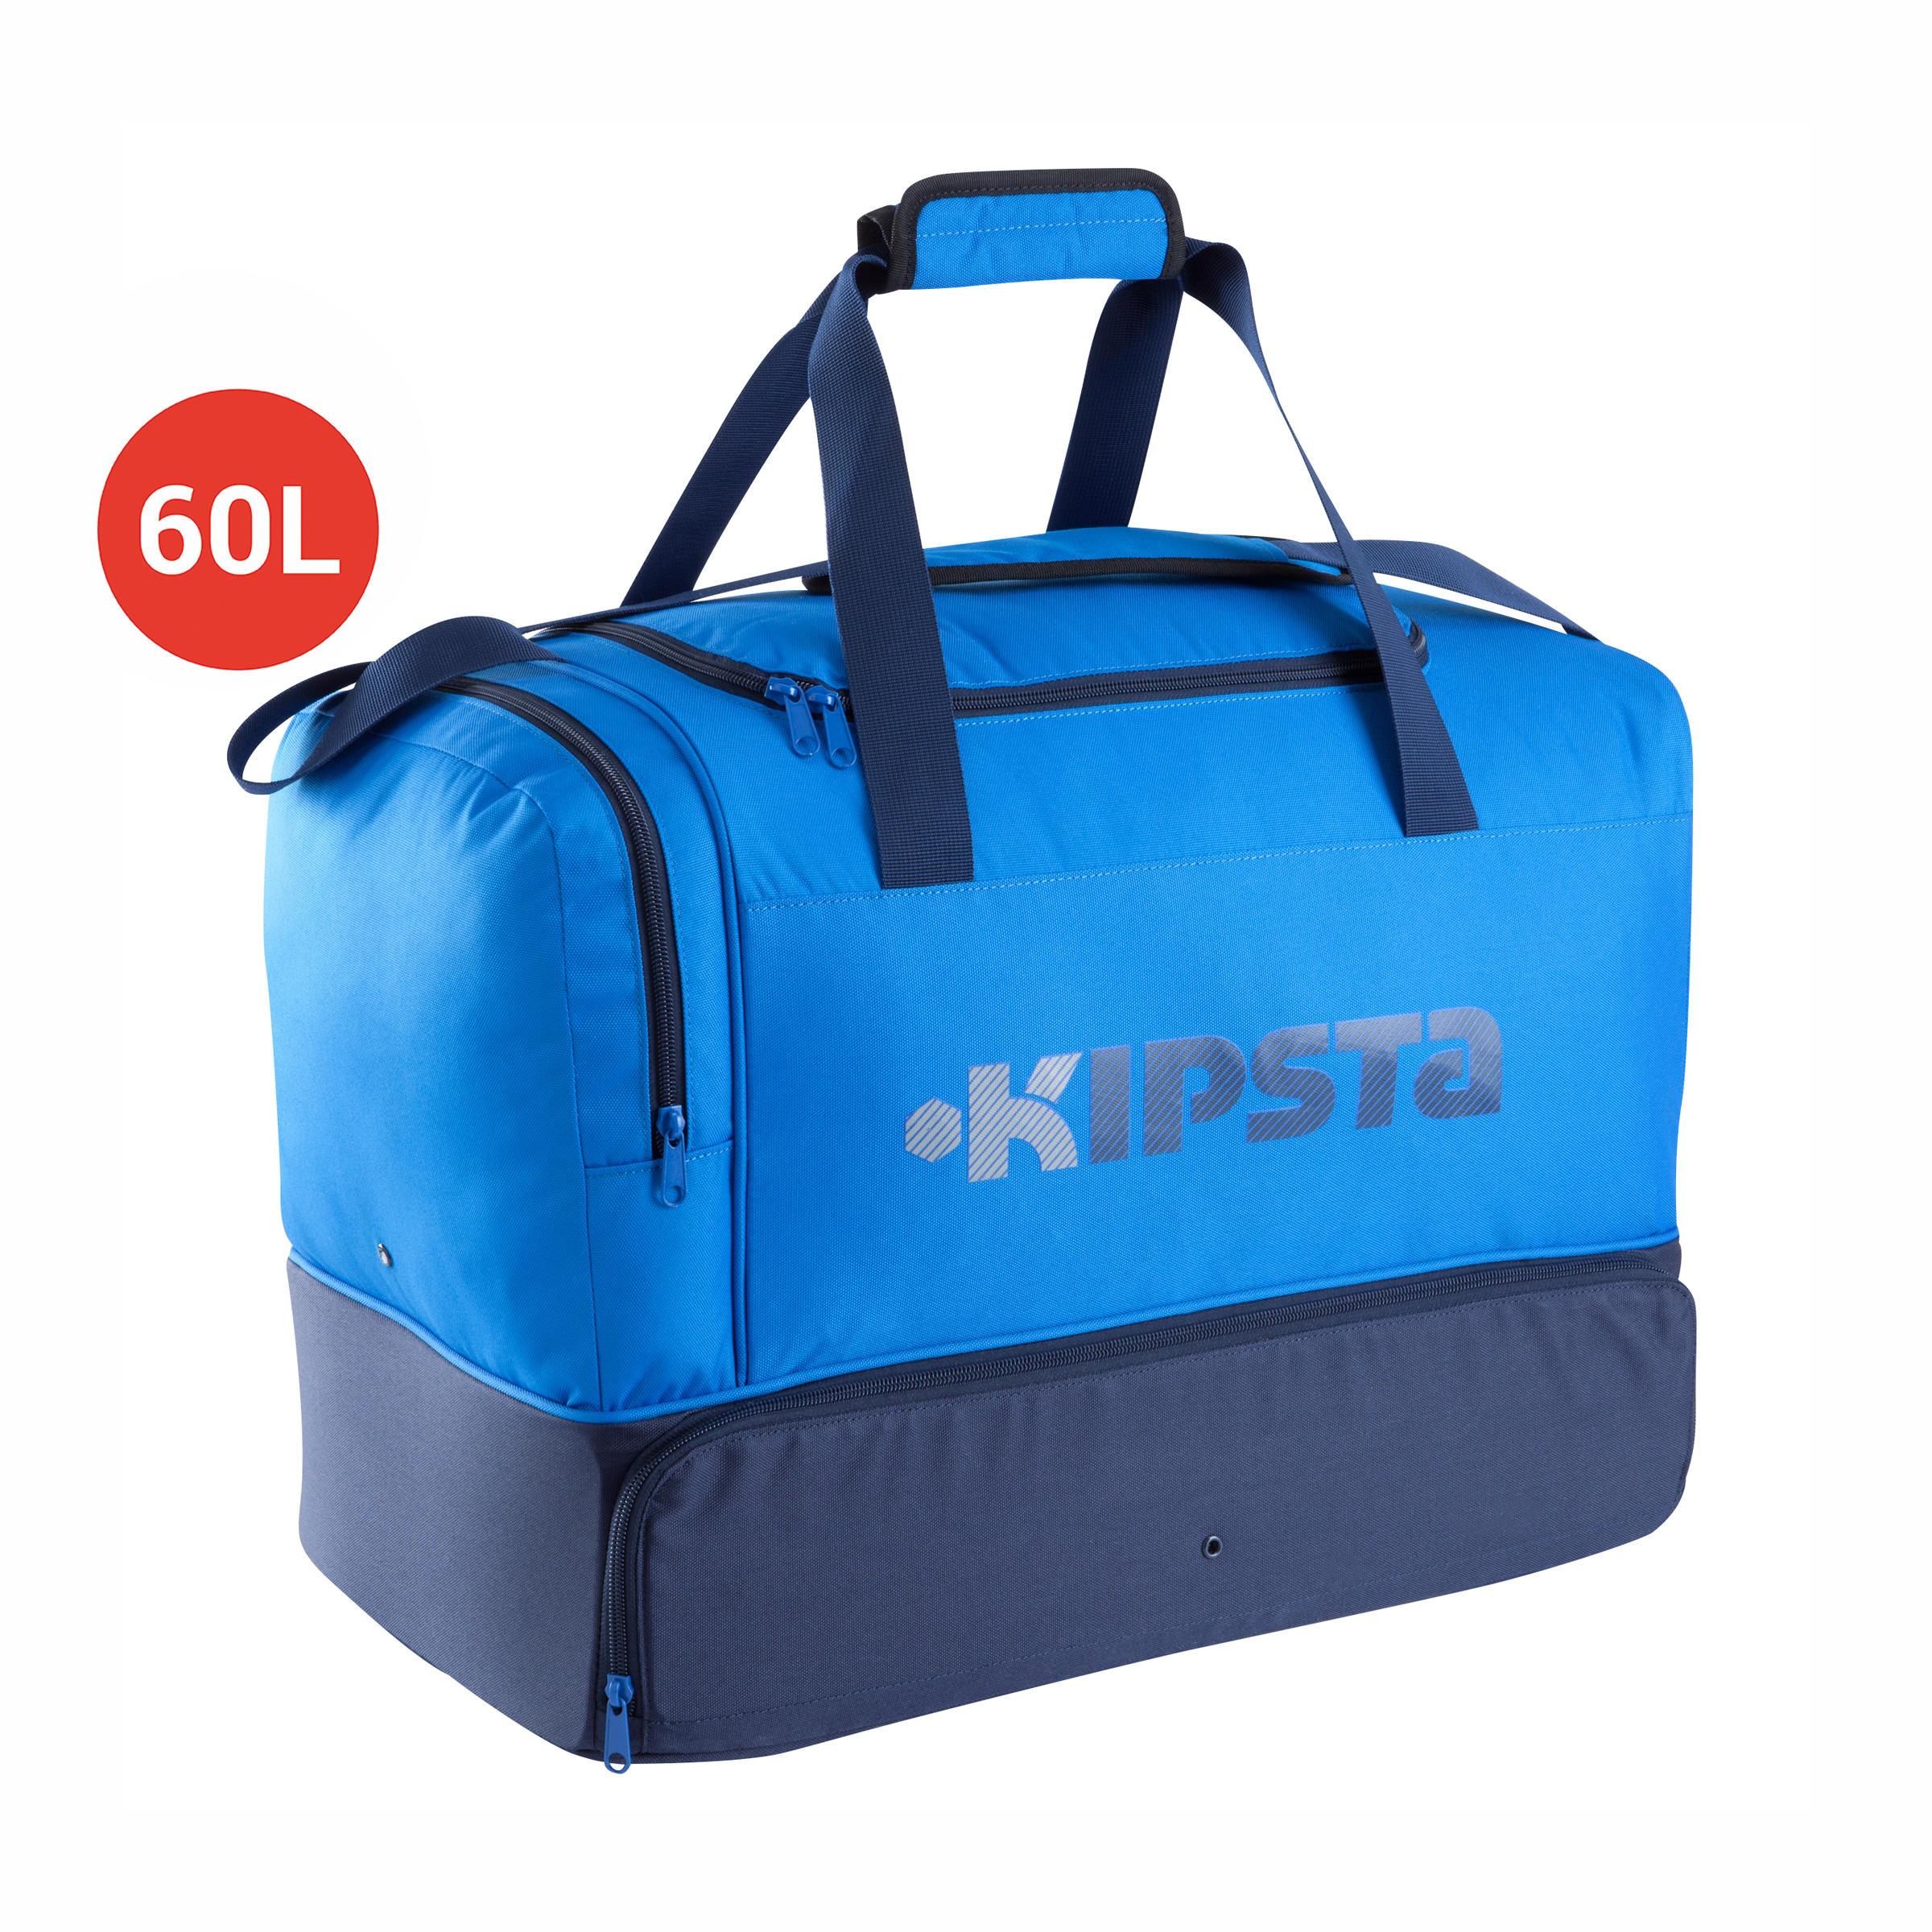 Sac de sport collectifs rigide 60 litres bleu